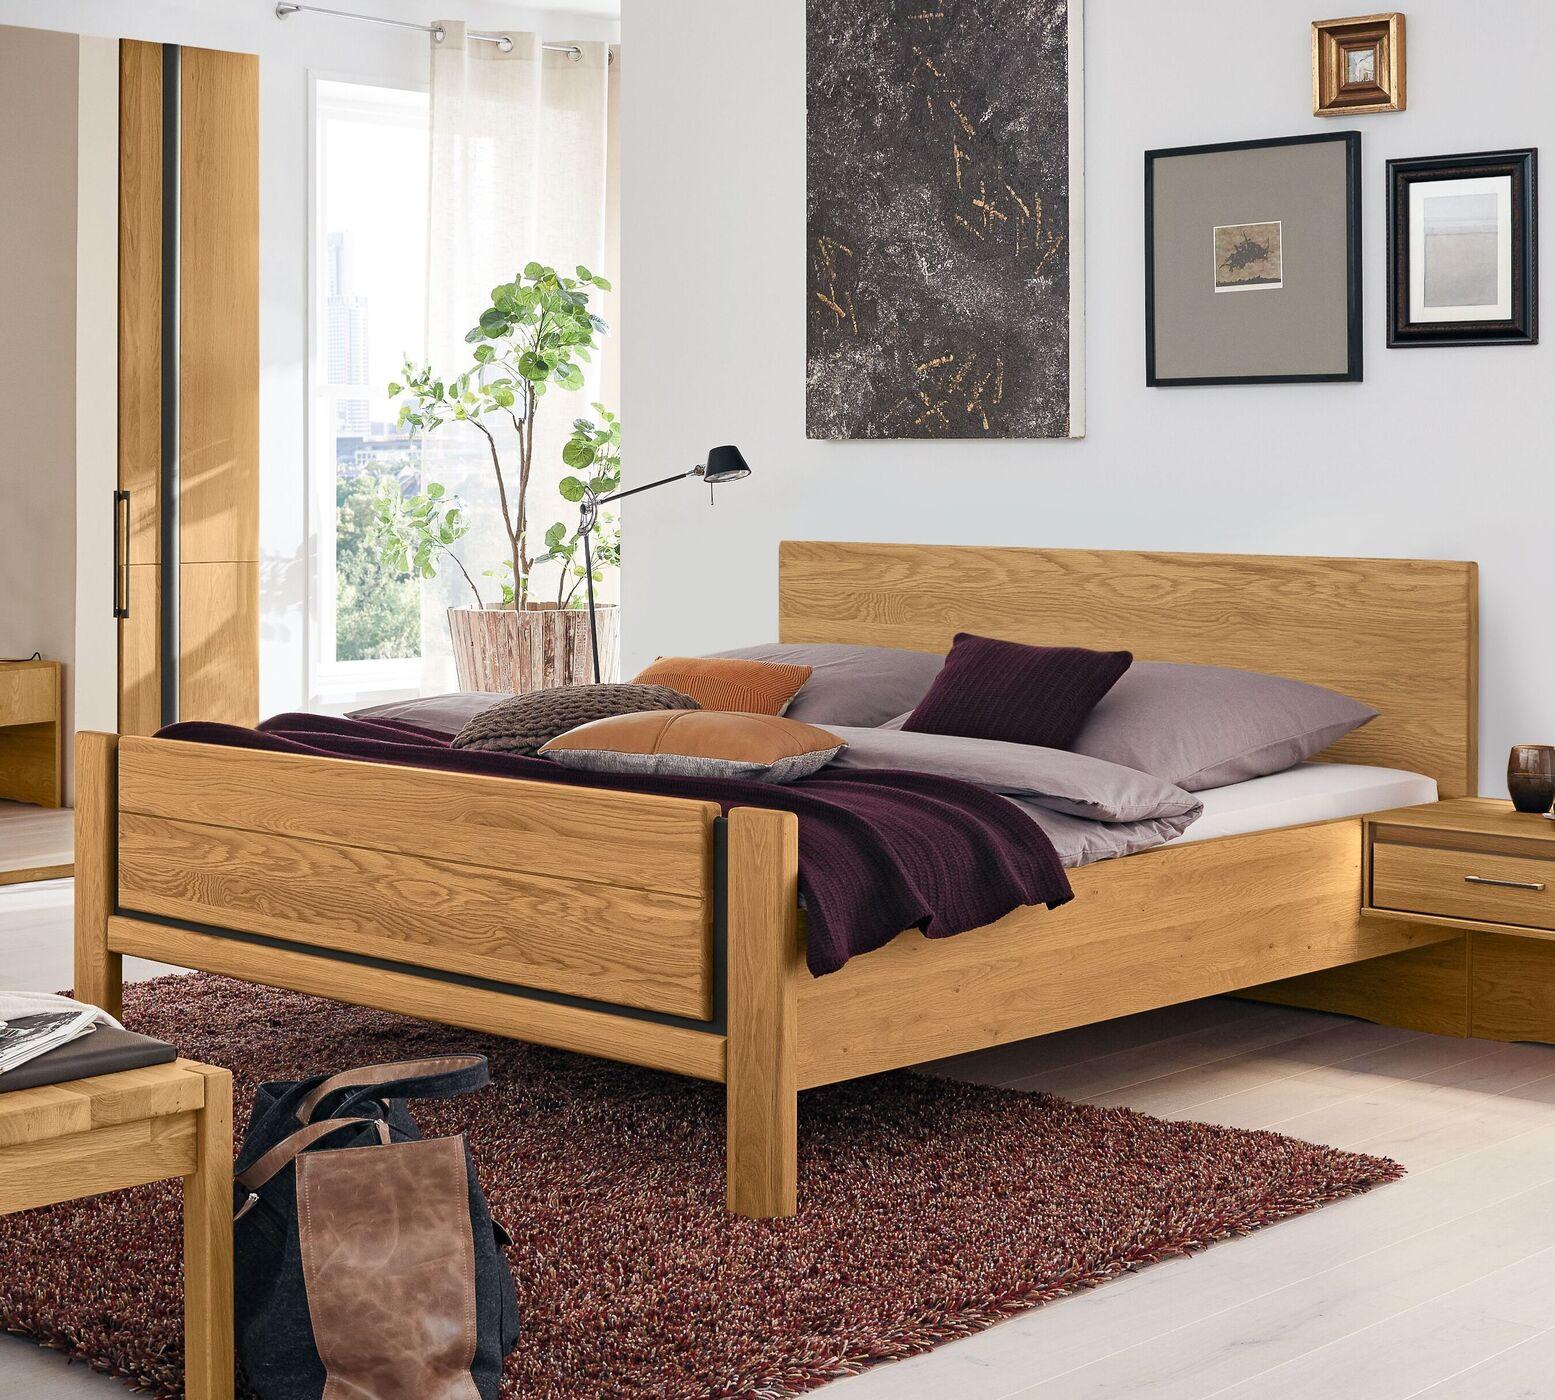 Musterring Eiche Schlafzimmer Sorrent 4 Tlg Mit Faltturenschrank